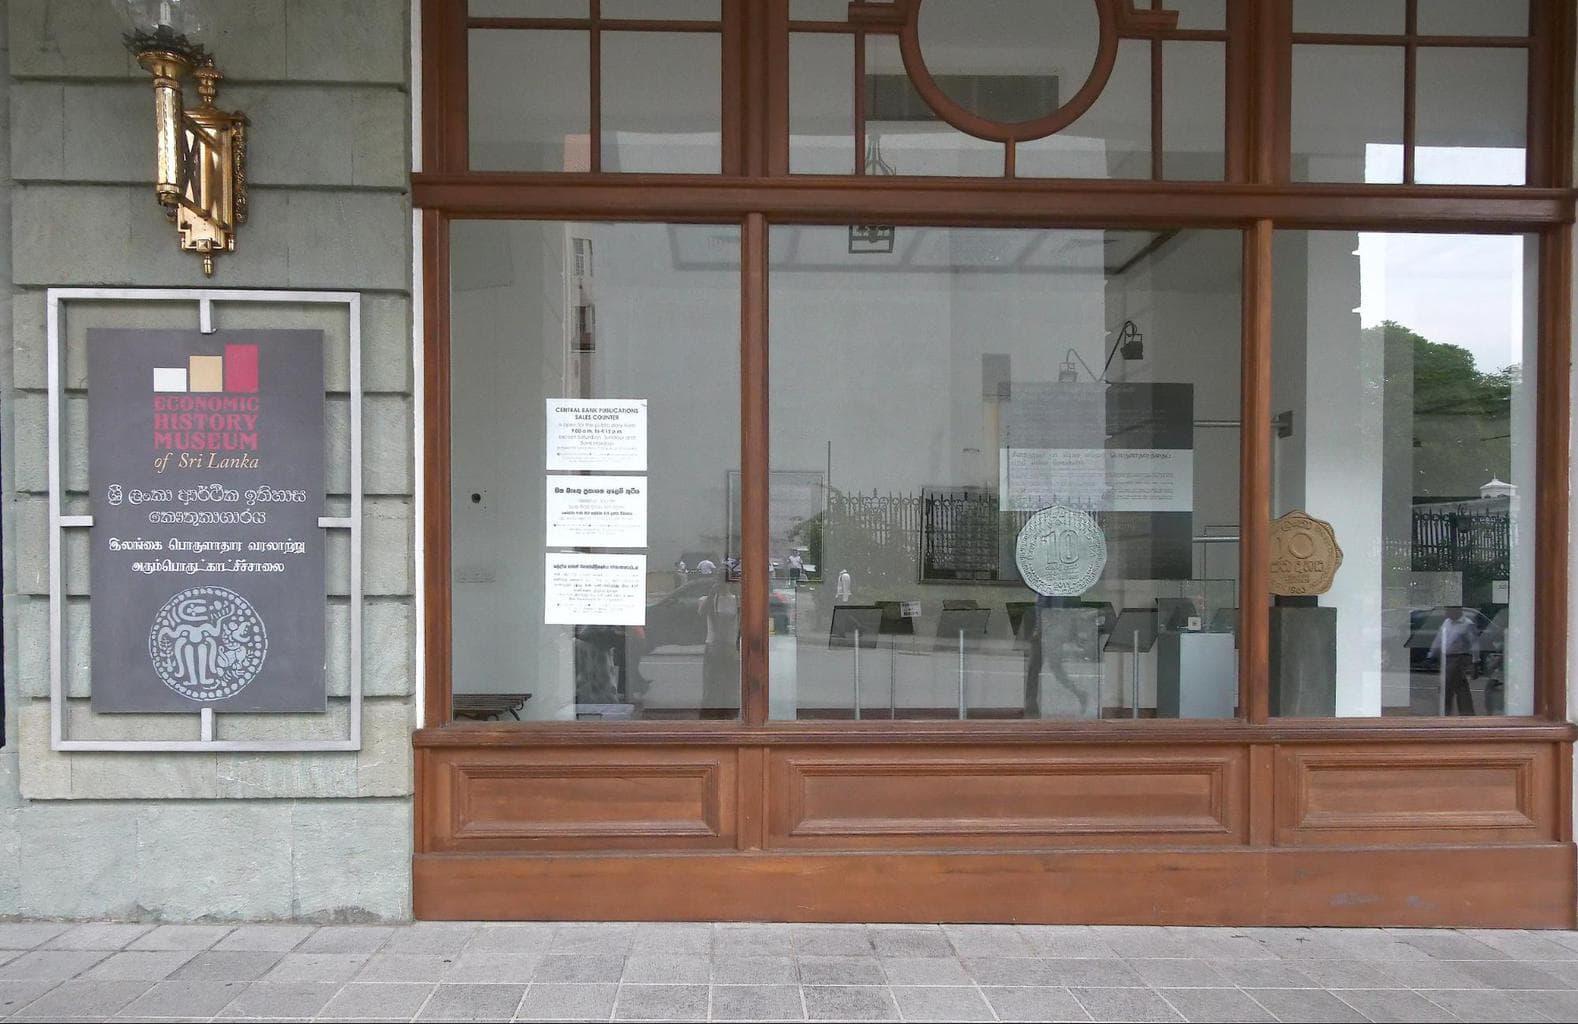 Economic History Museum